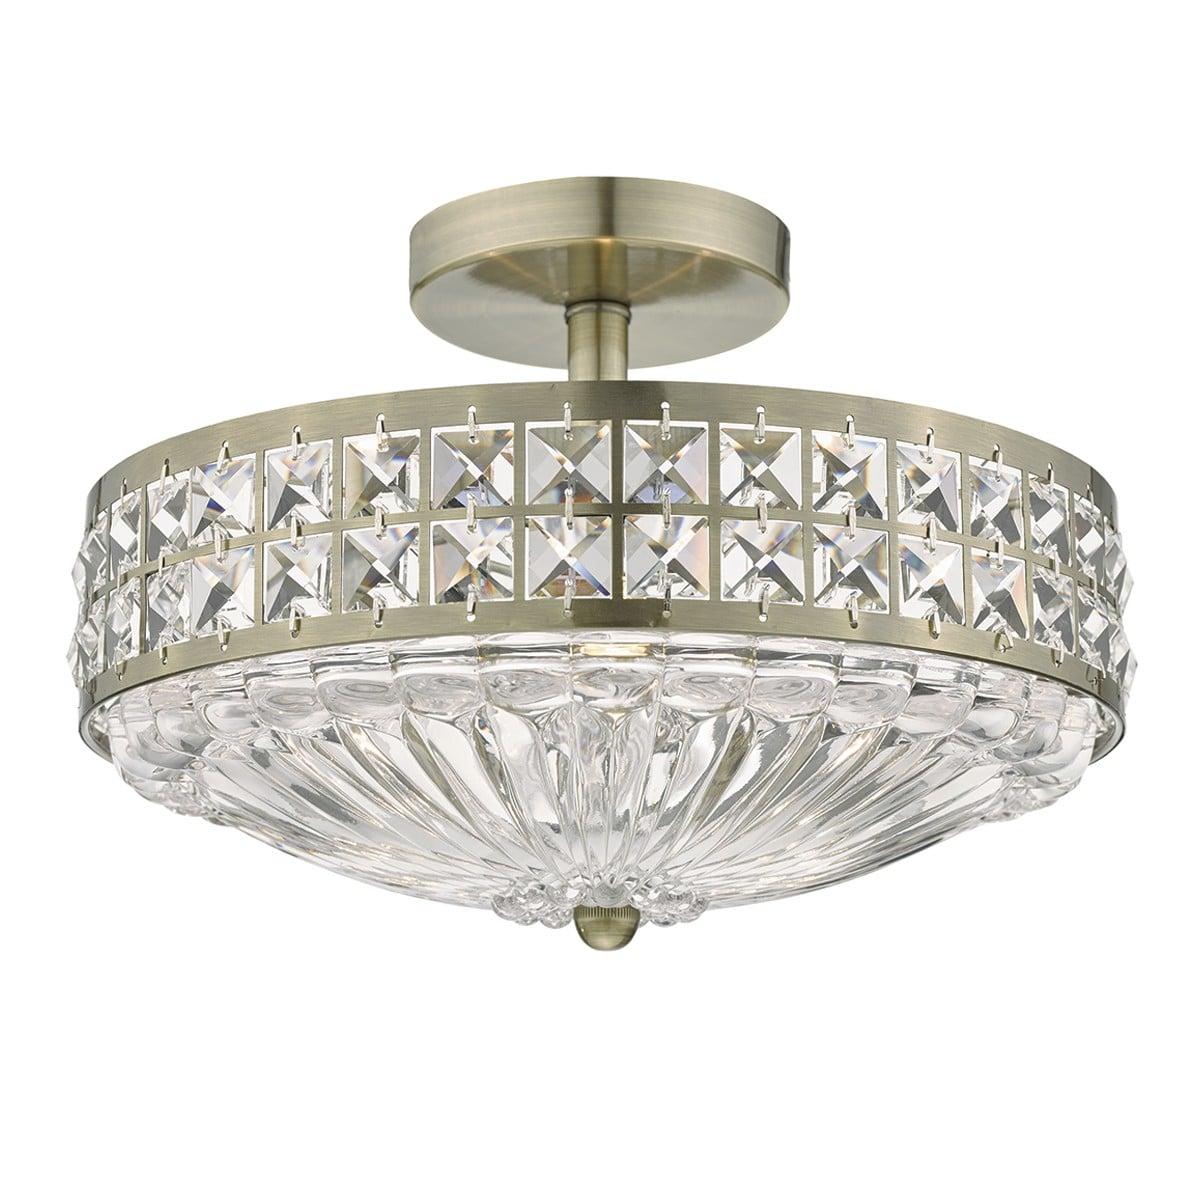 Dar OLO191 Olona Spare Glass Diffuser for OLO5350 & OLO5375